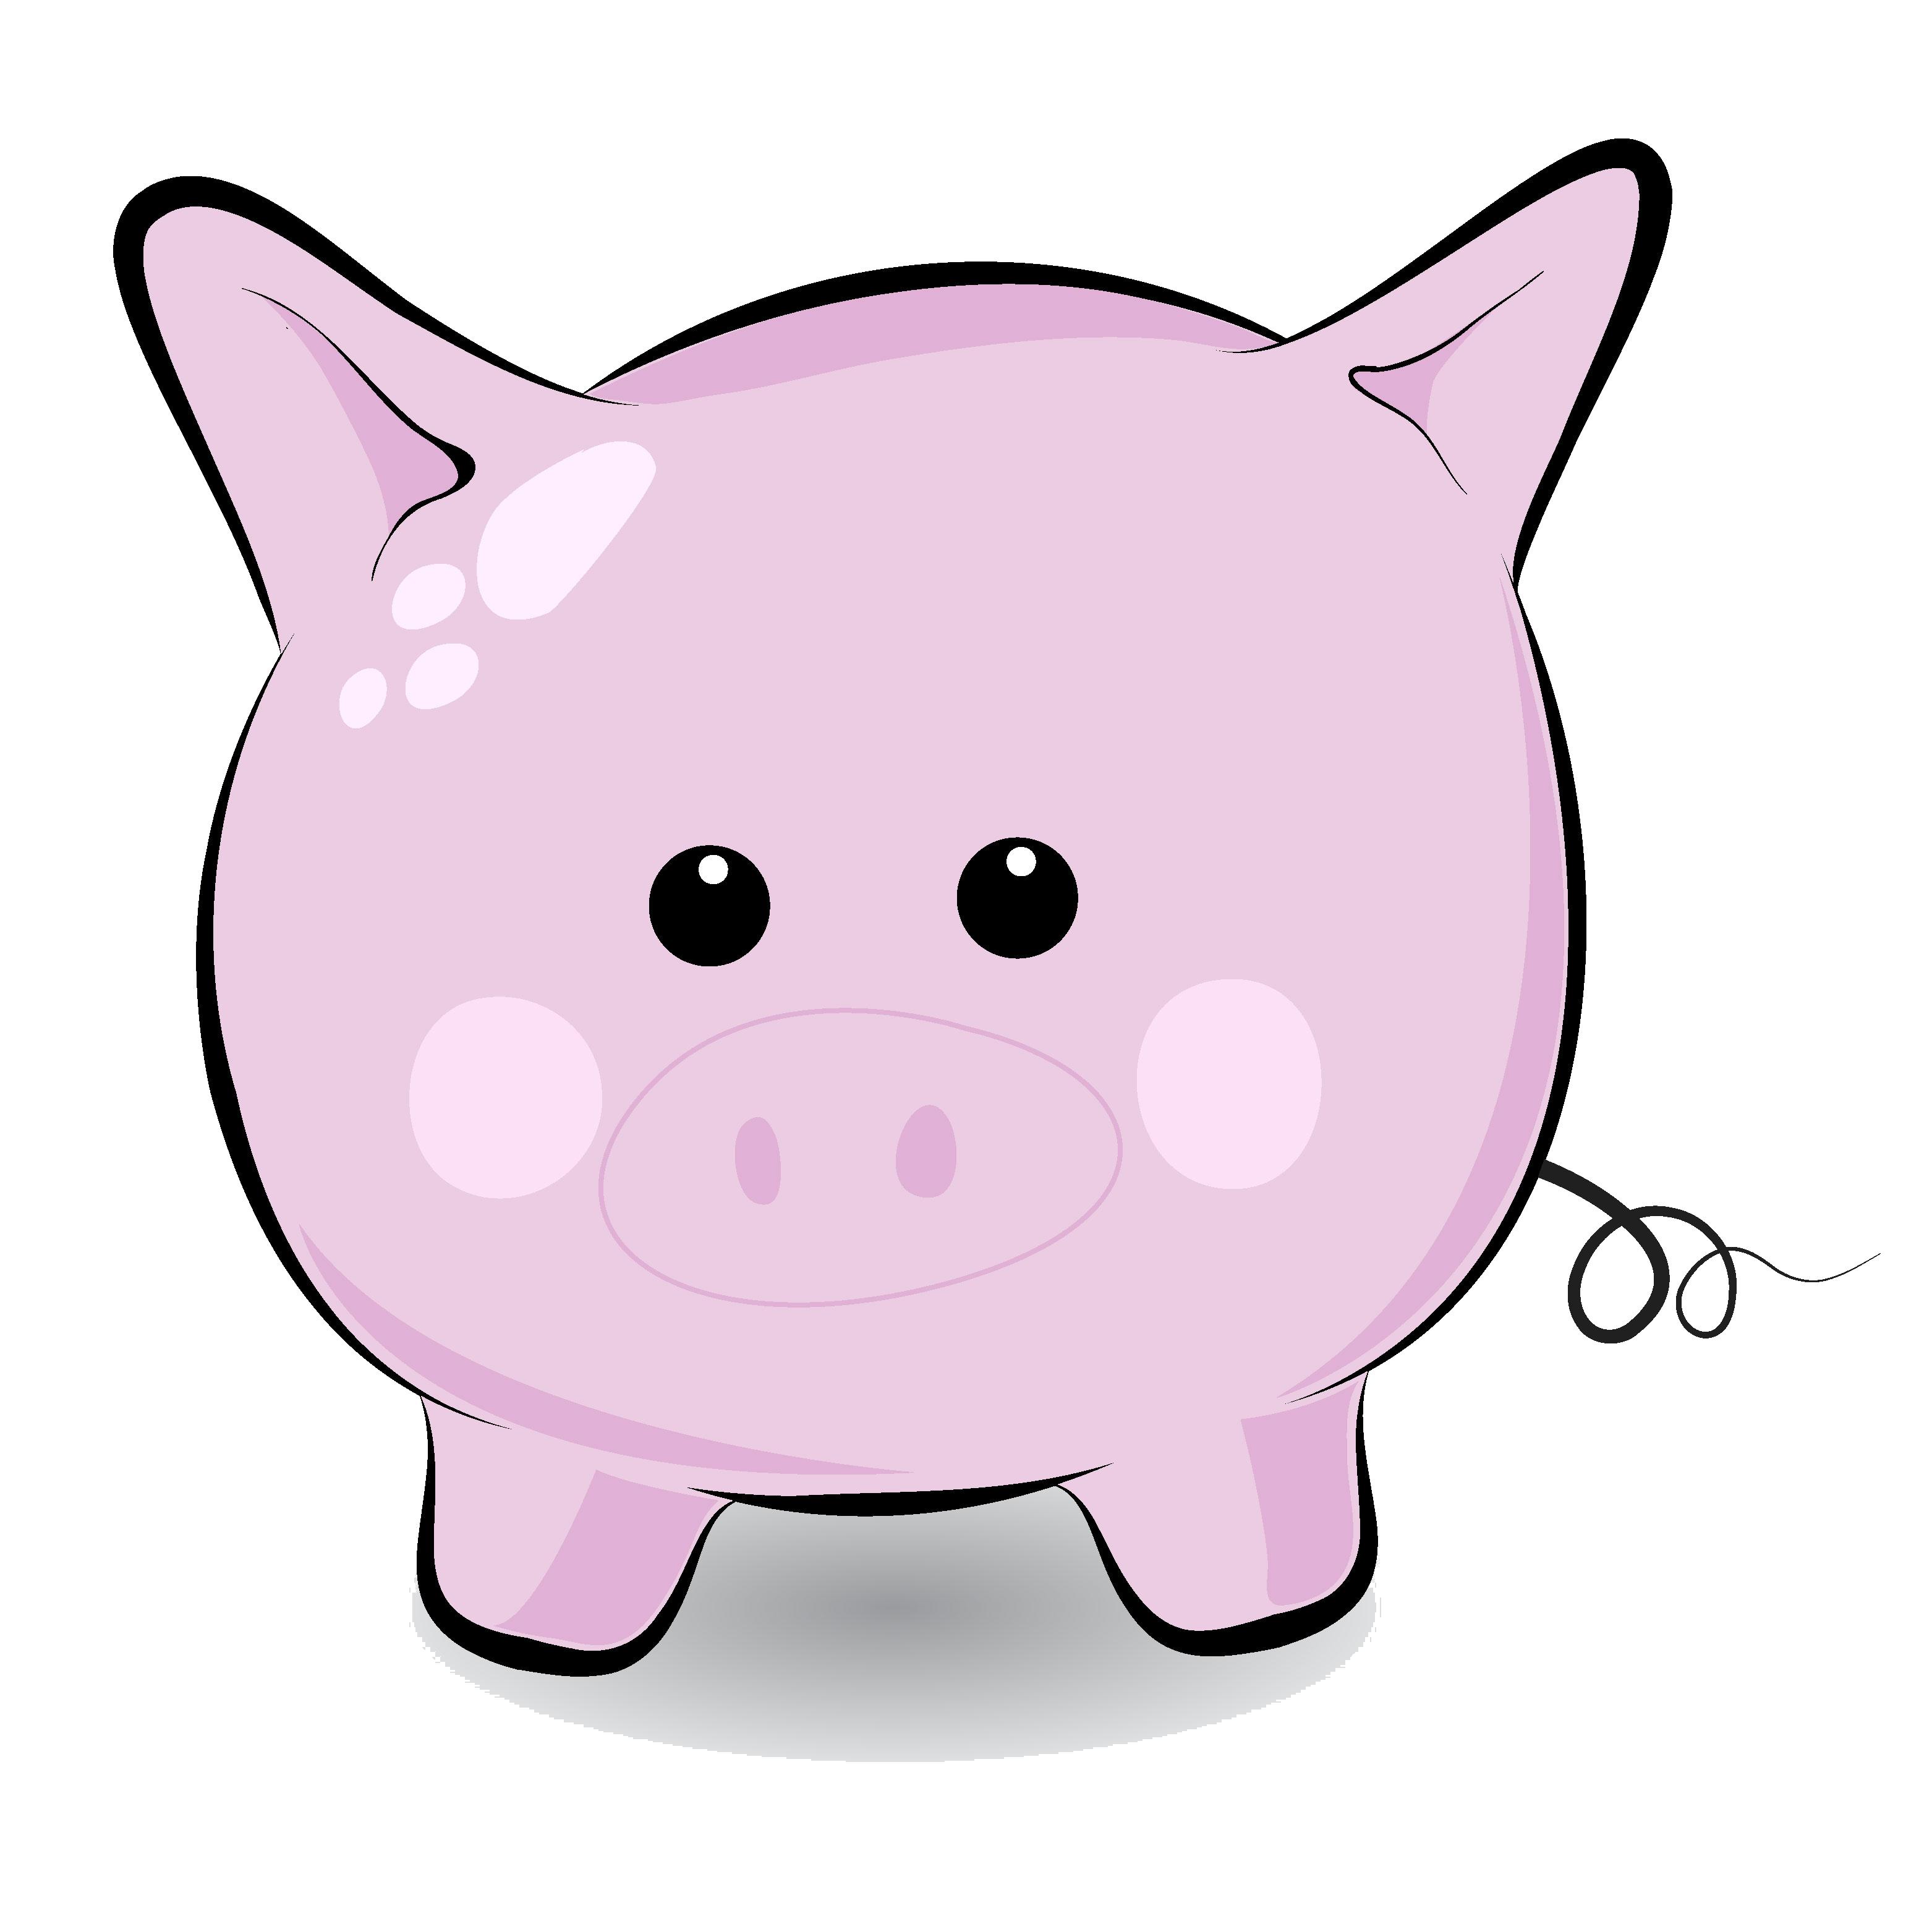 3125x3125 Pig Clipart Cute Pig